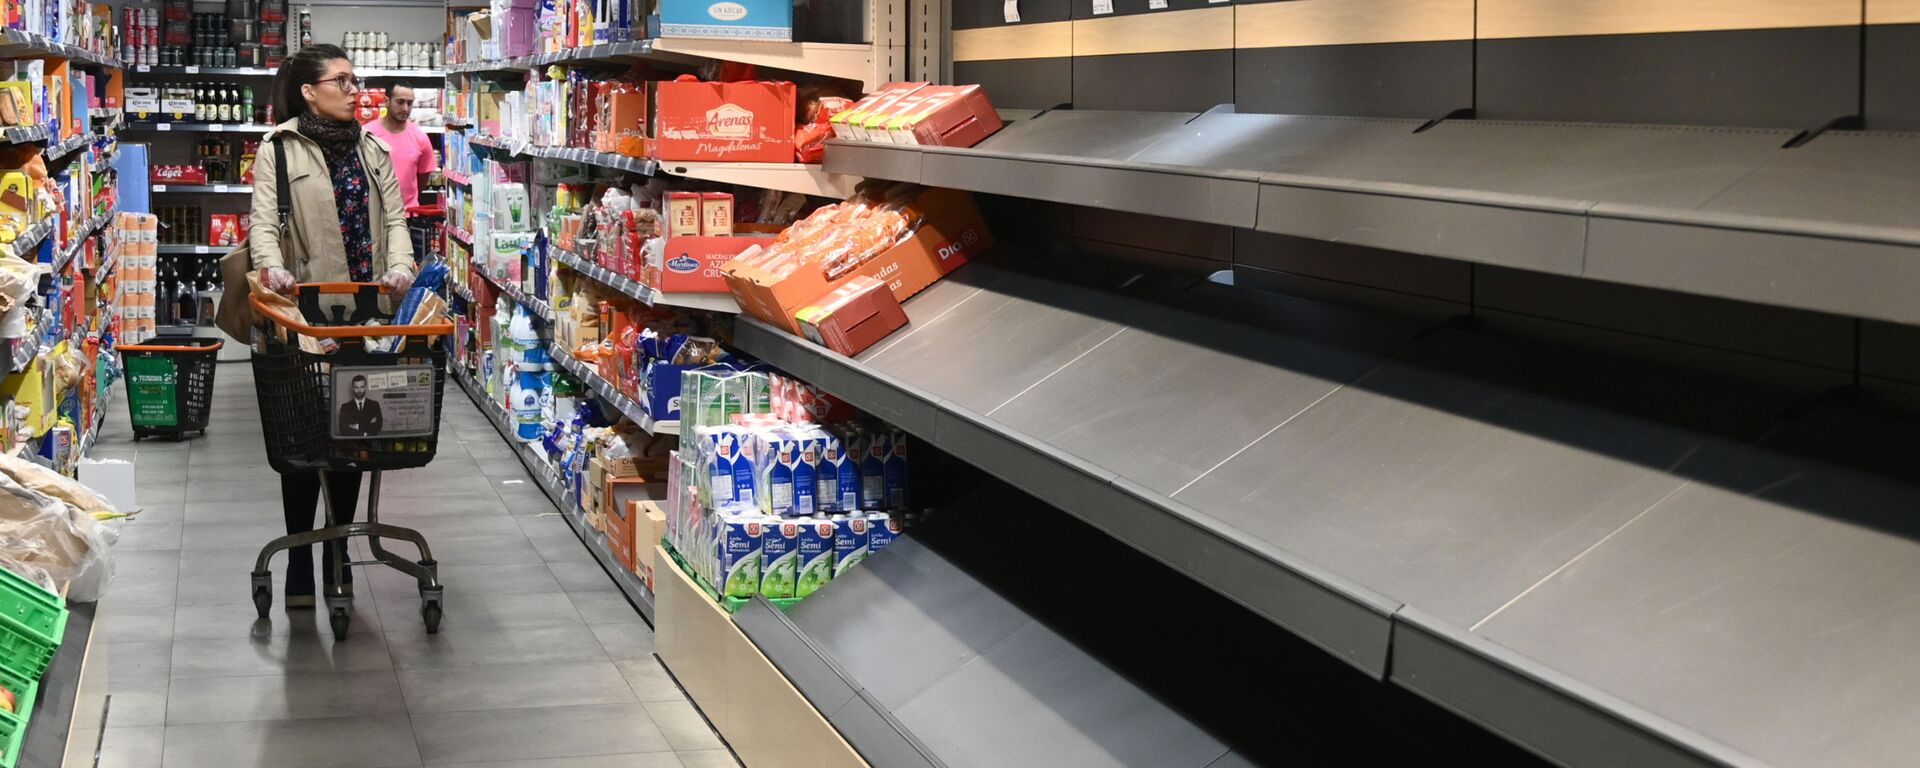 Пустые полки в супермаркете в Мадриде - Sputnik Таджикистан, 1920, 08.08.2021